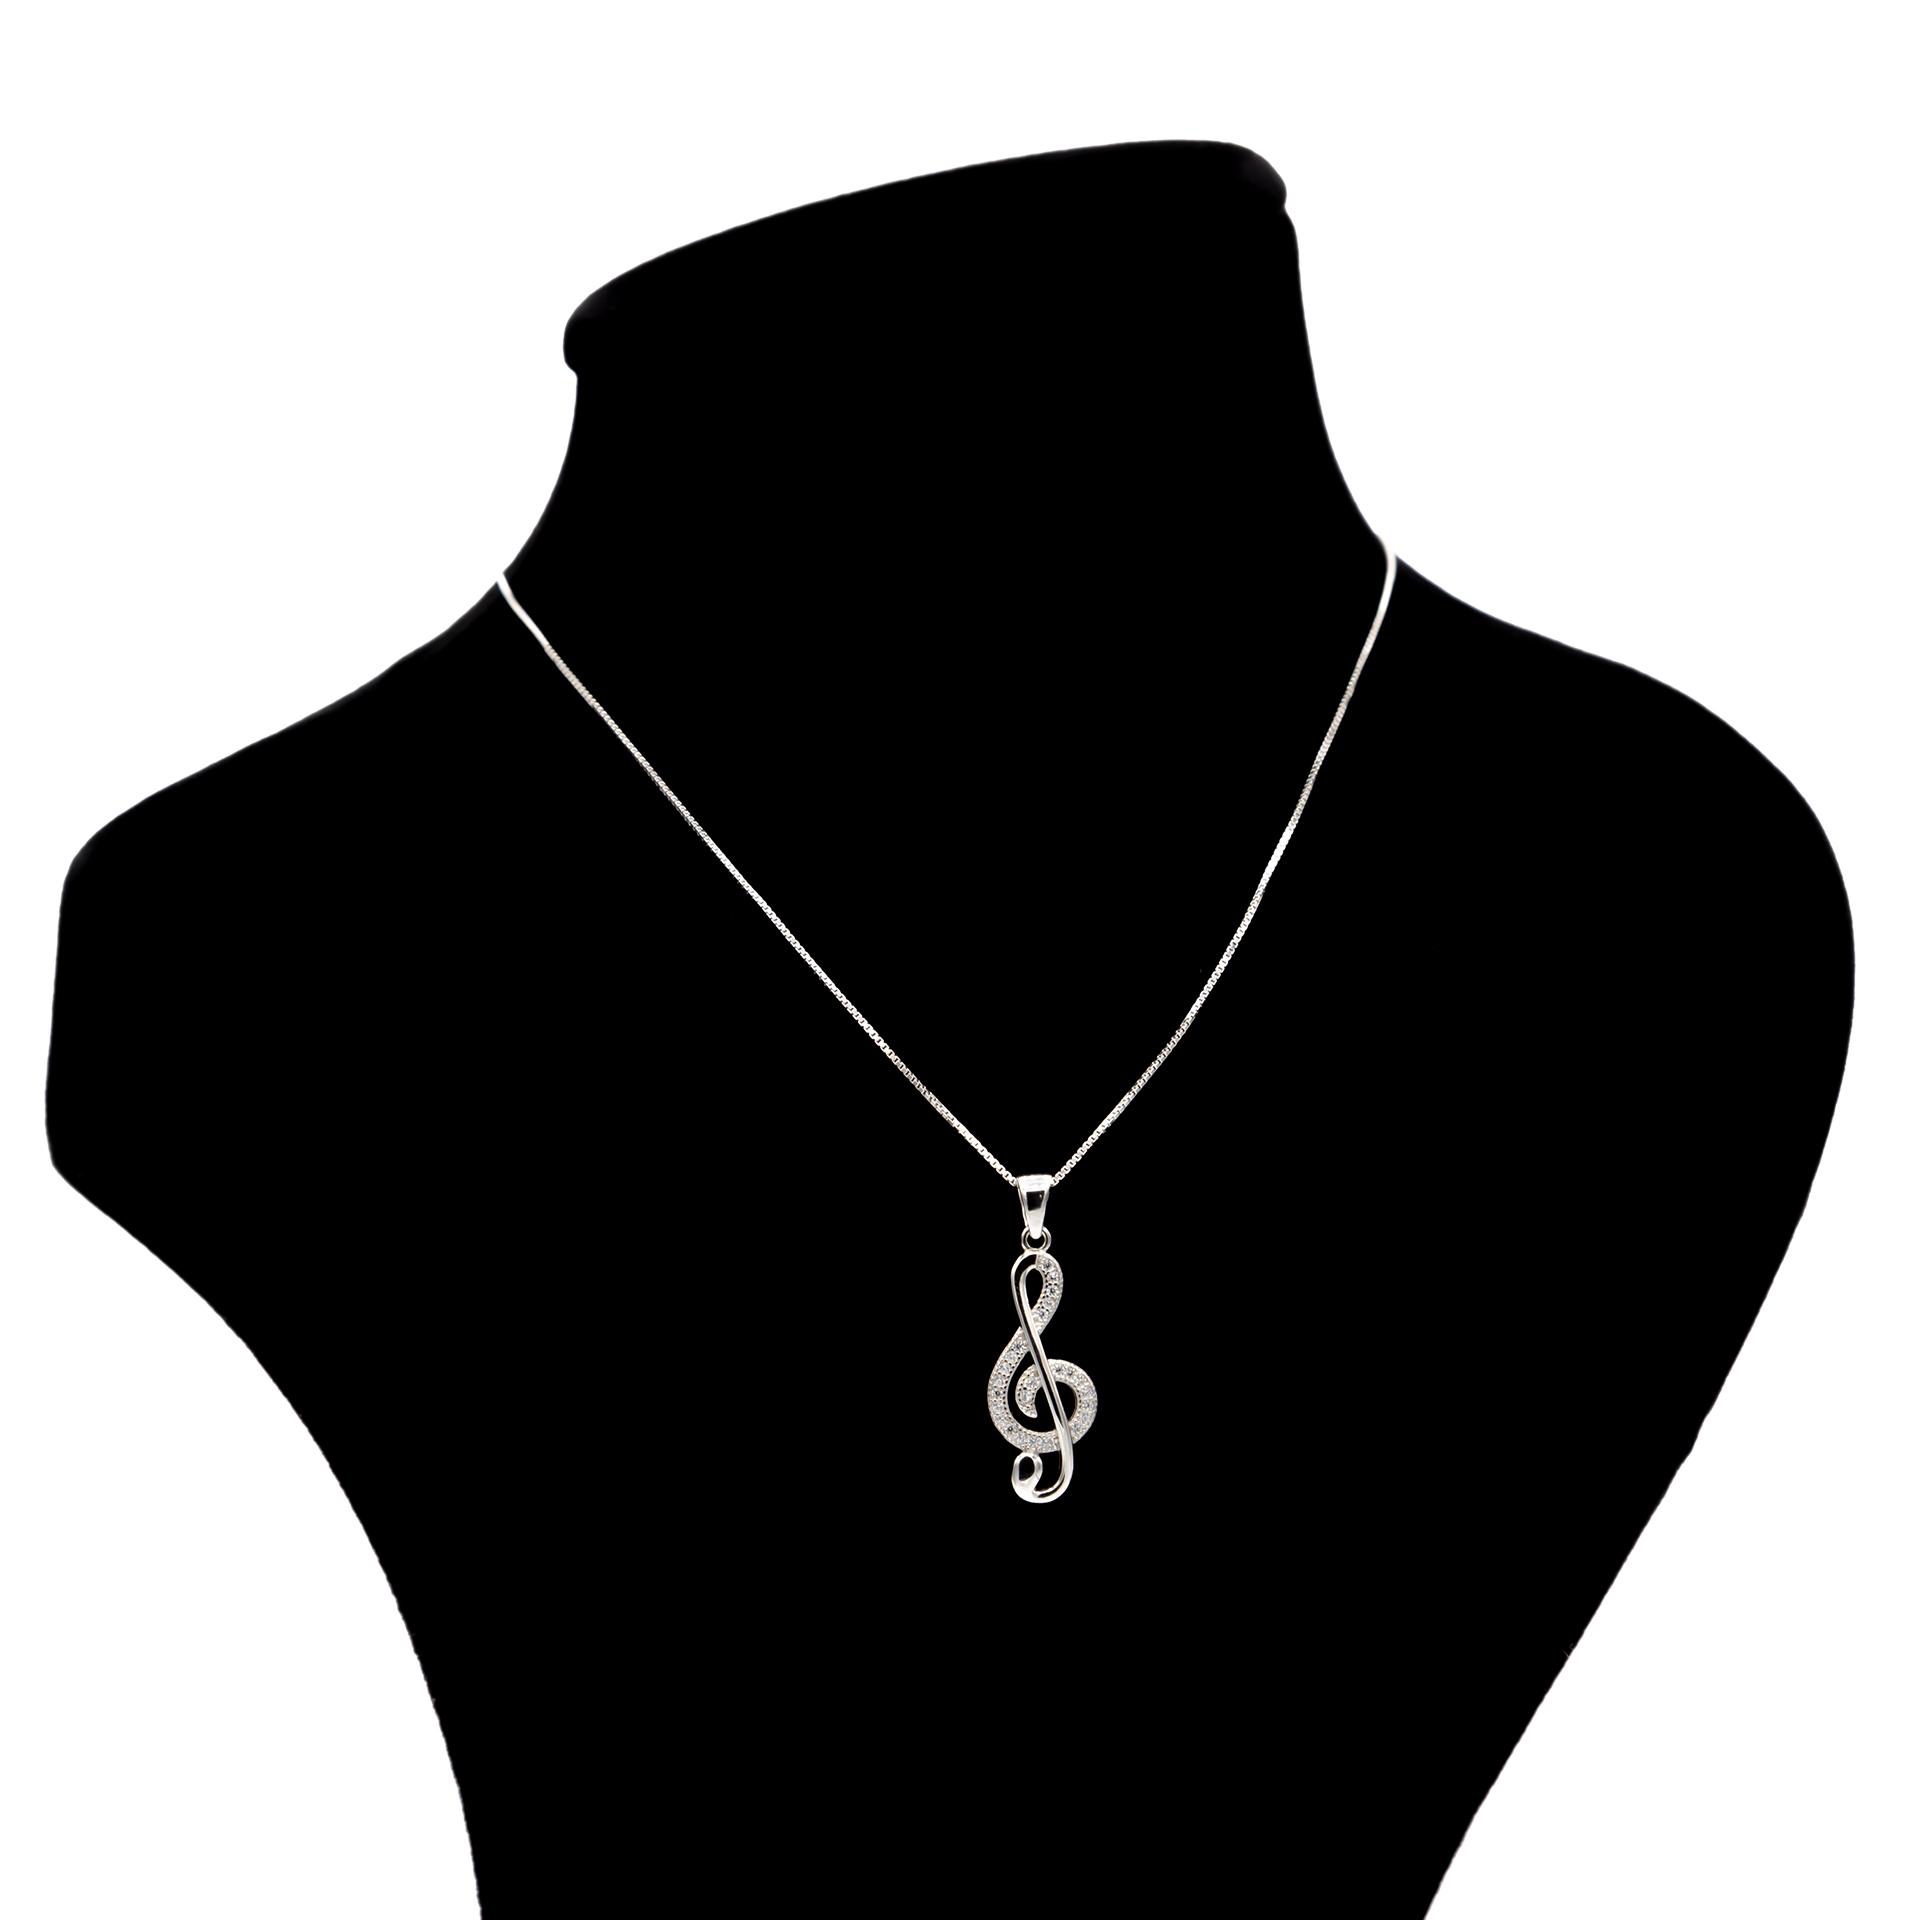 عکس گردنبند نقره بهارگالری مدل کلید سل کد 405013